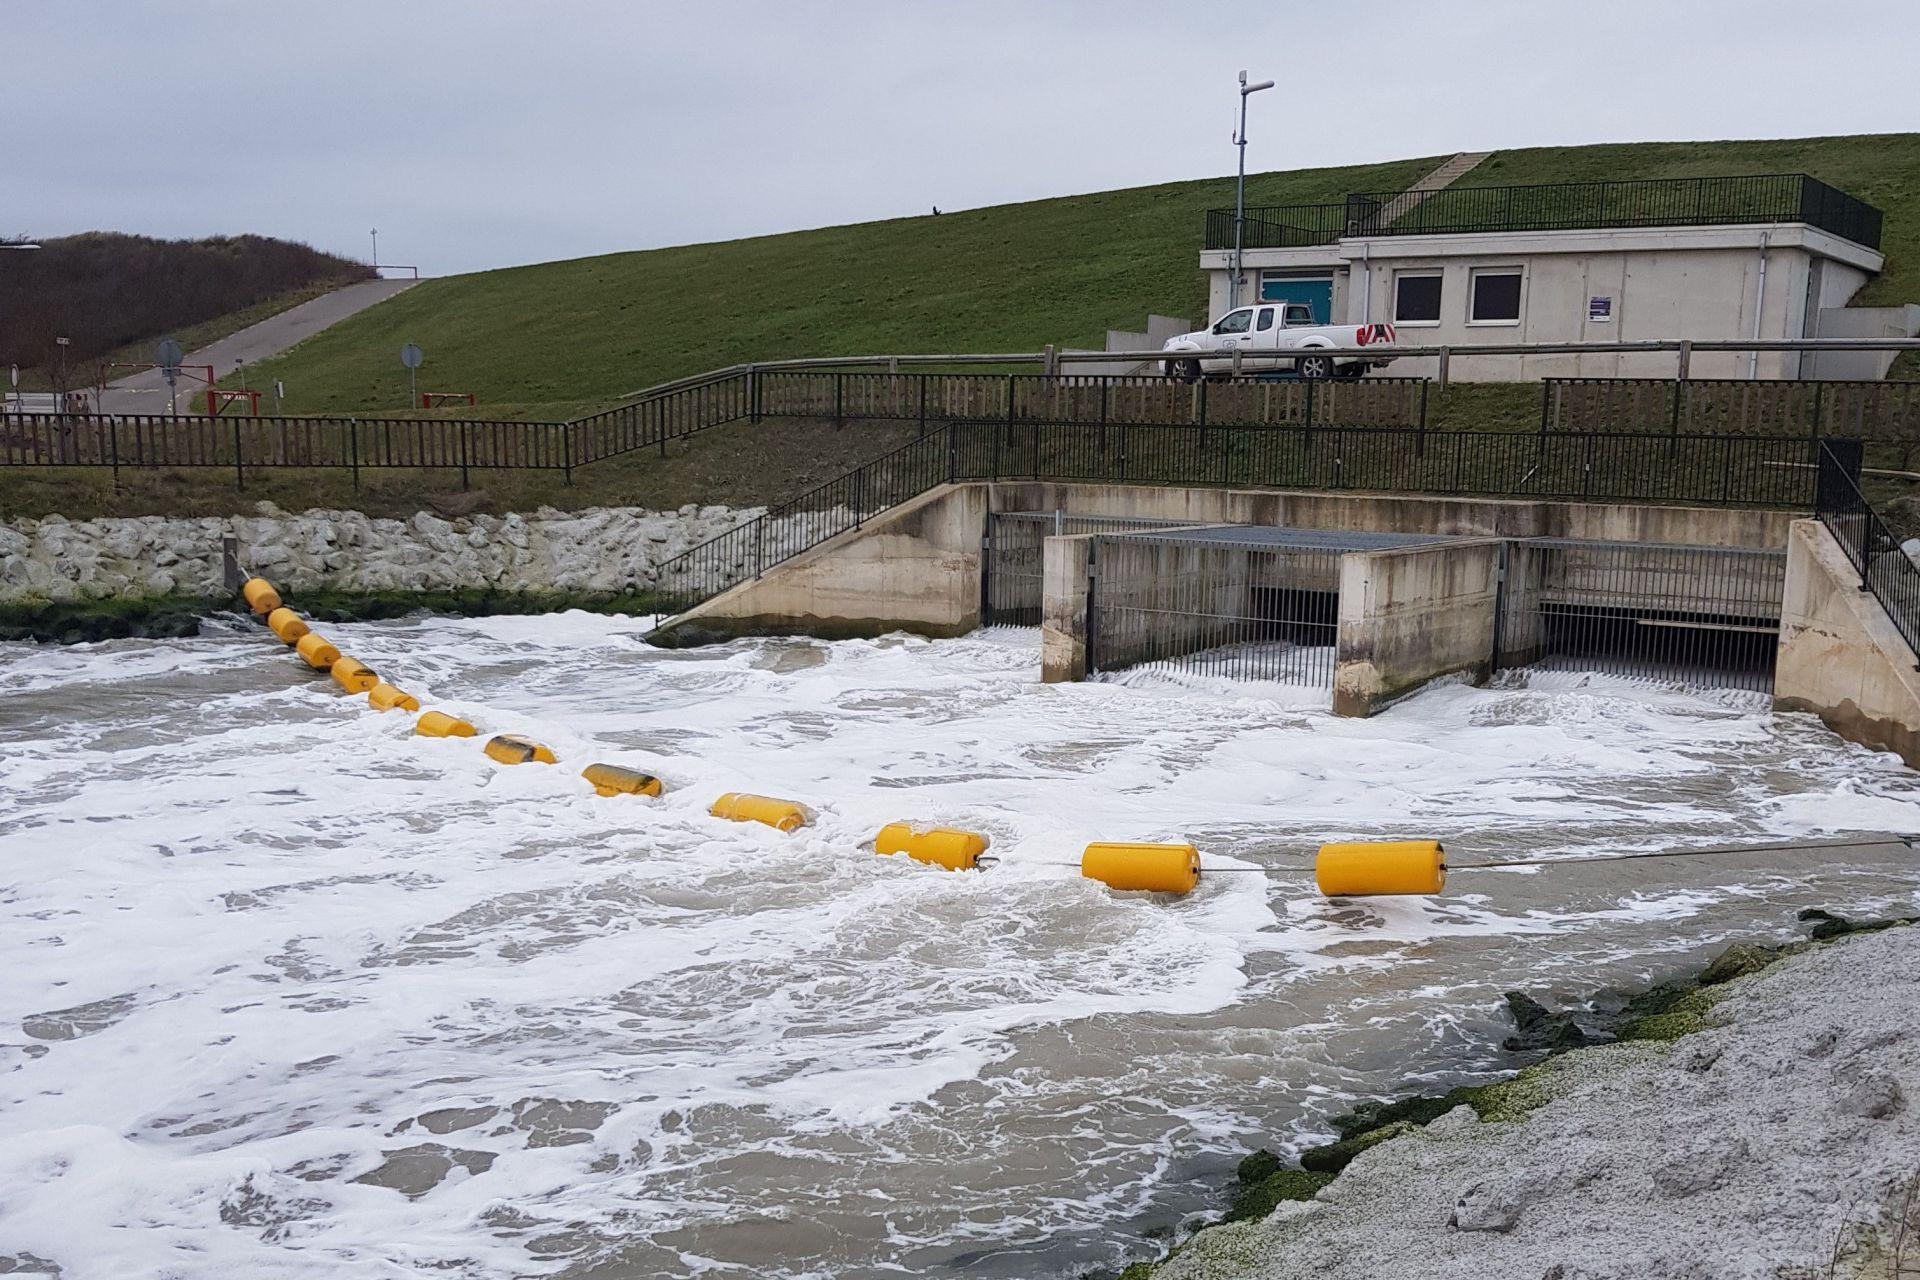 Getijdenduiker stromend water inlaatkreek